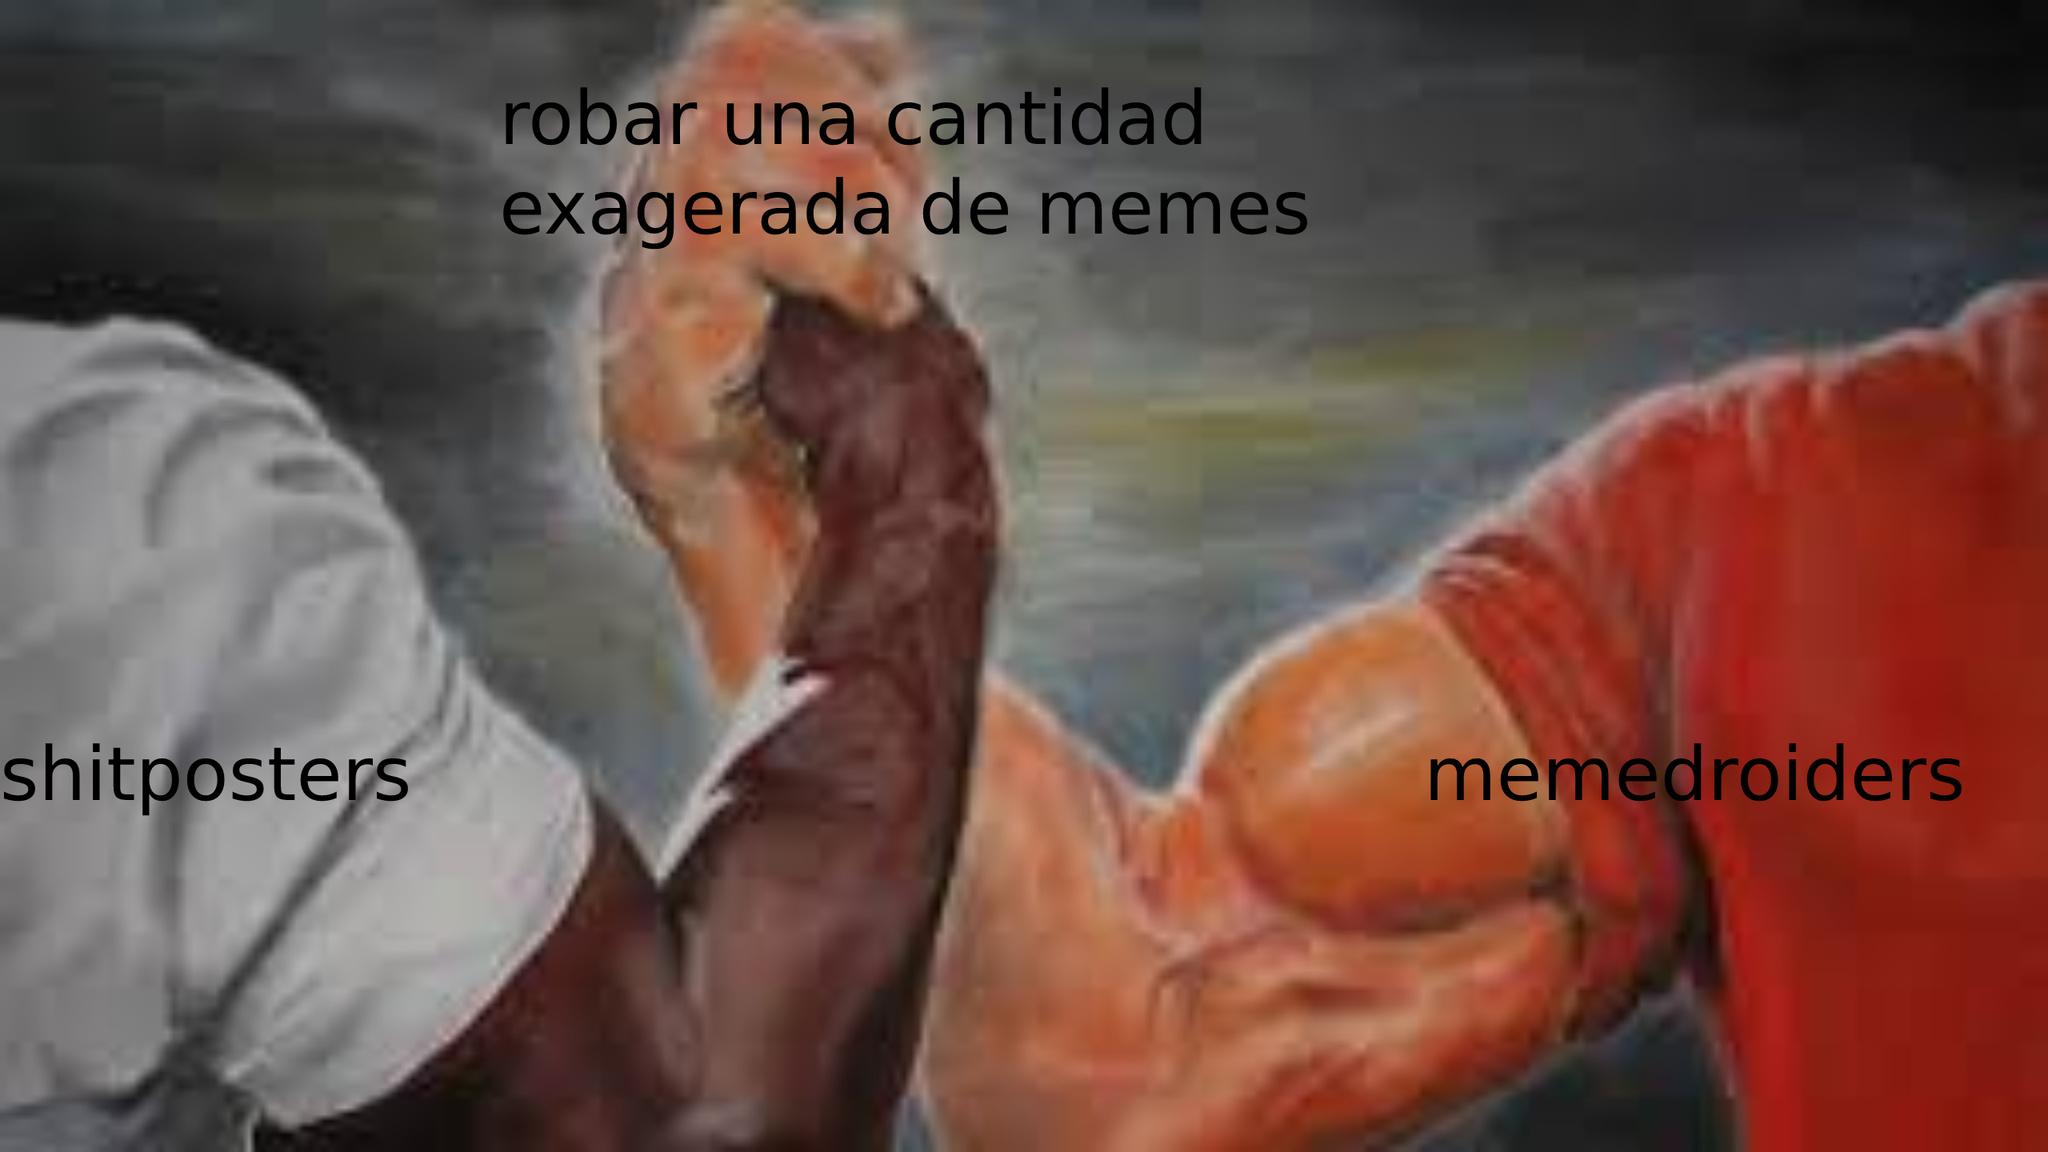 díganme si utilice bien el formato - meme